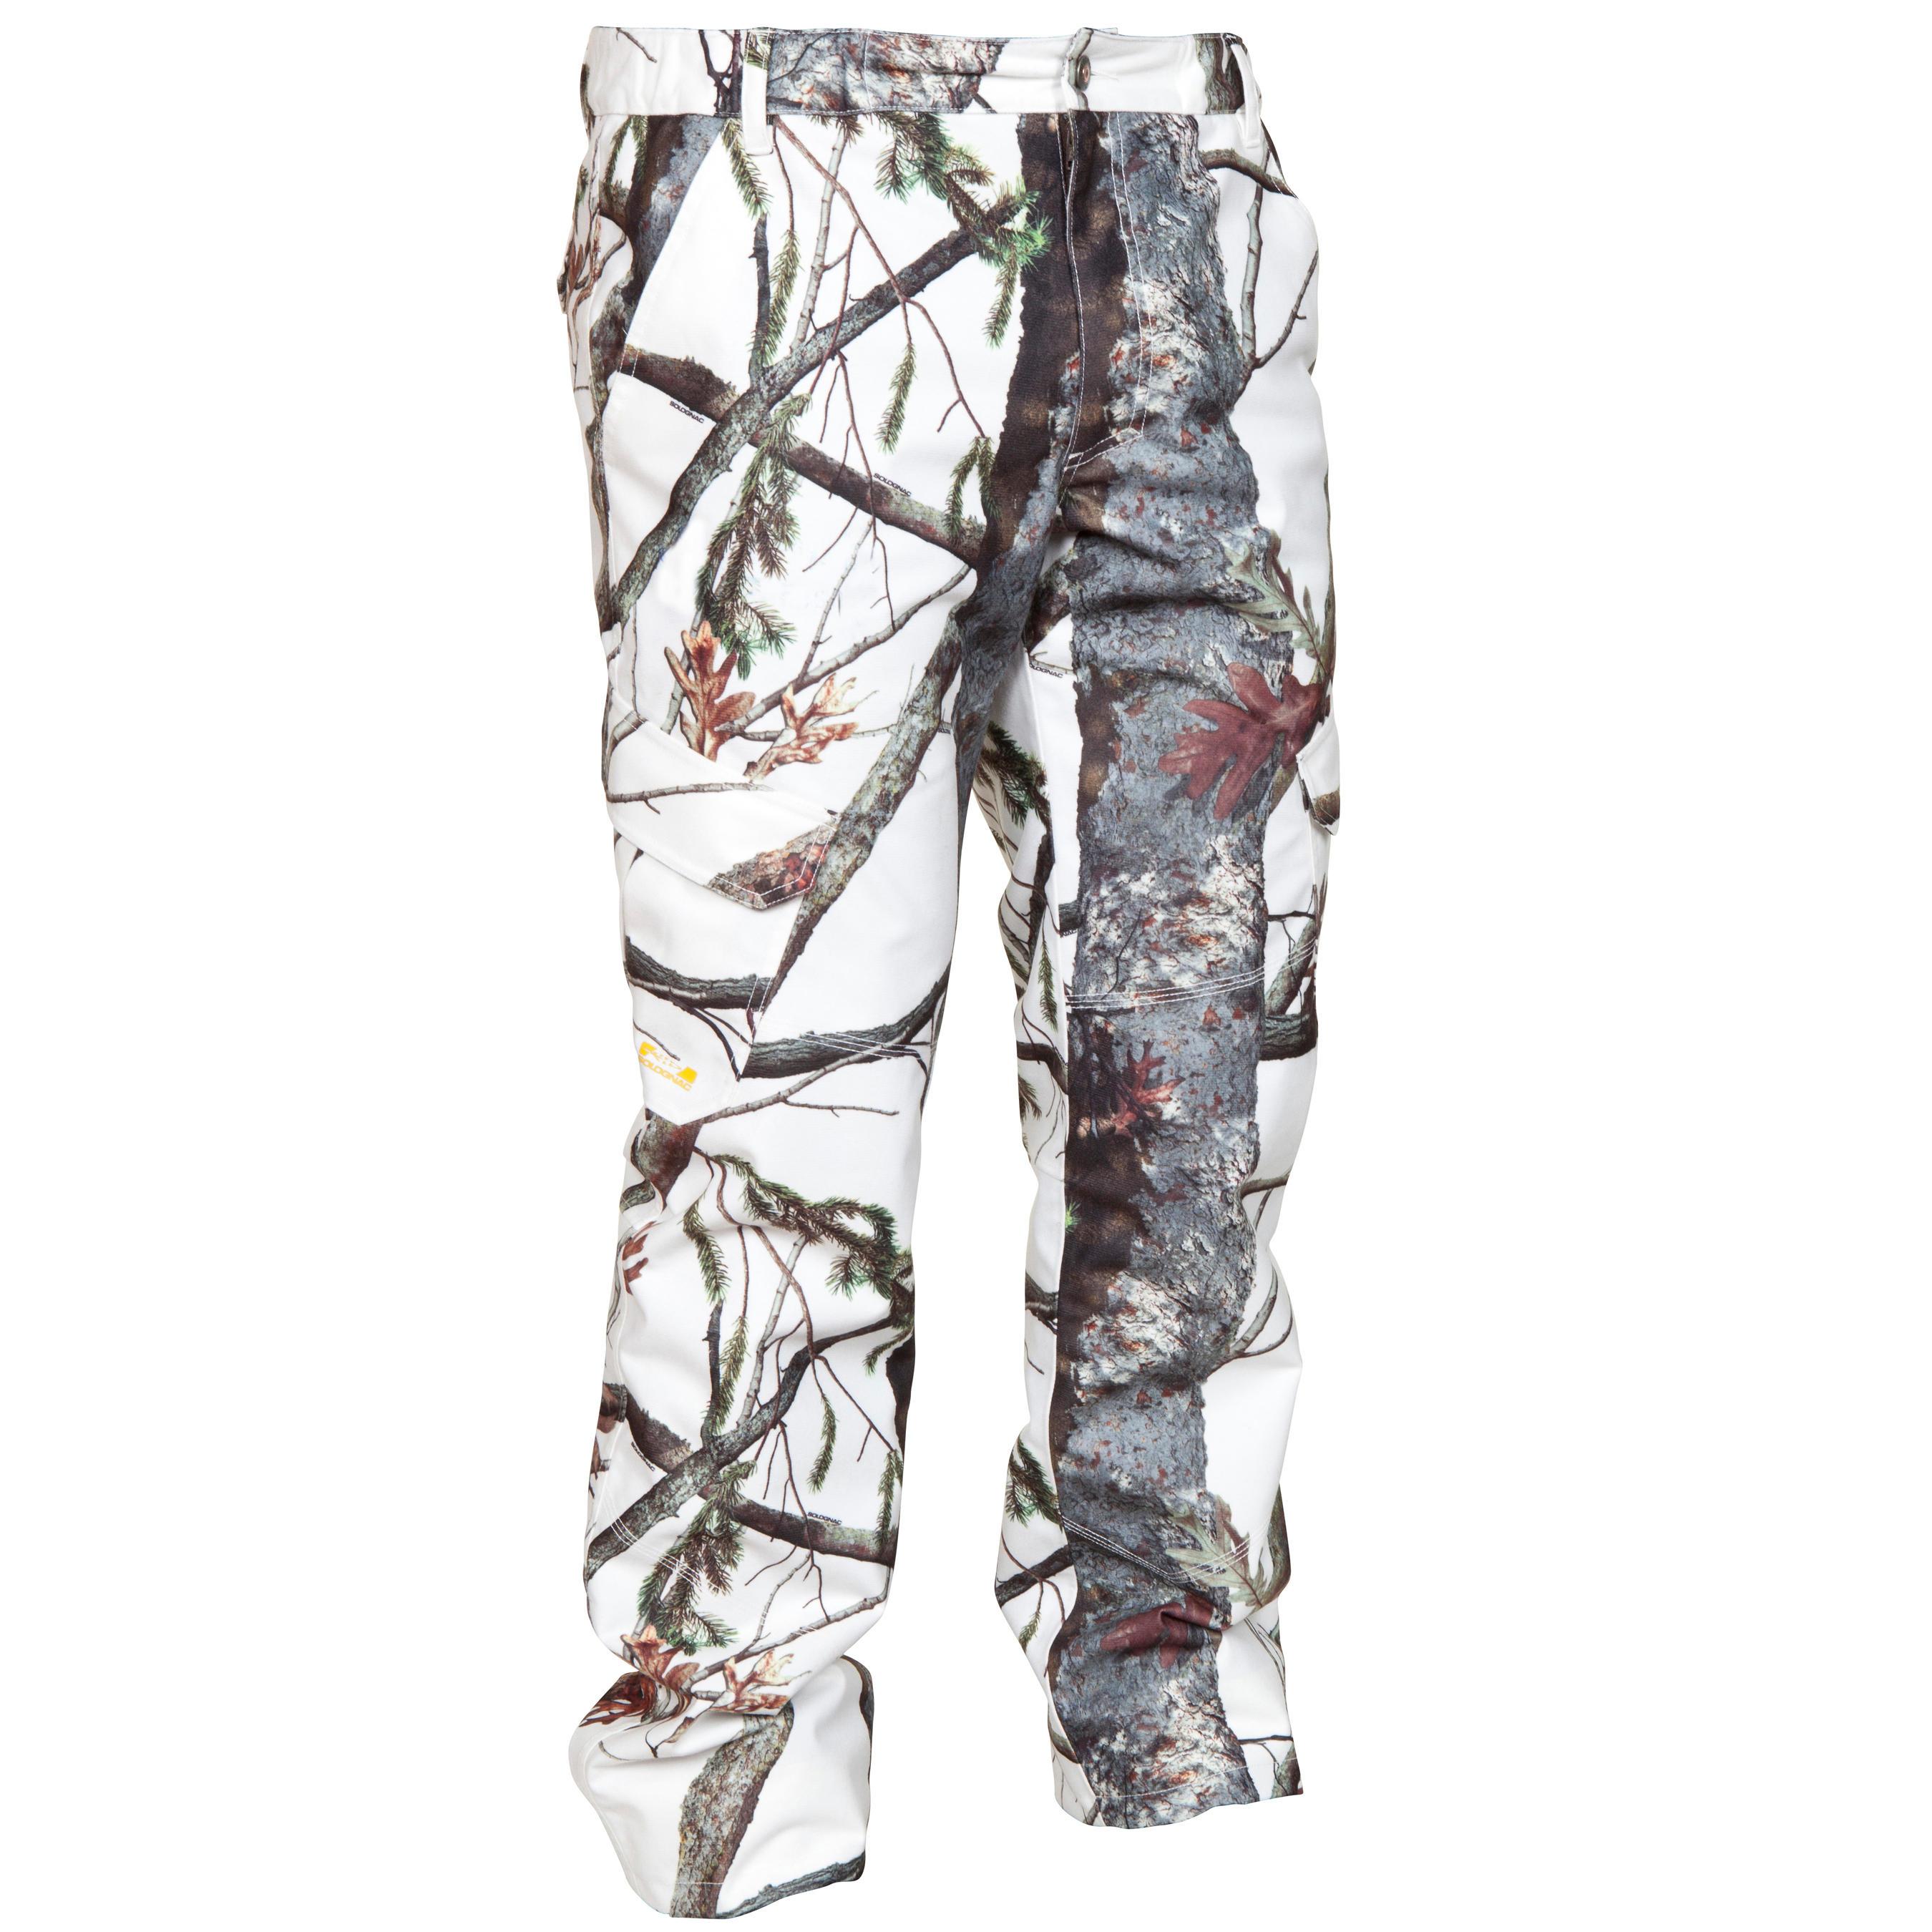 Pantalon impermÉable chaud 520 camouflage neige solognac